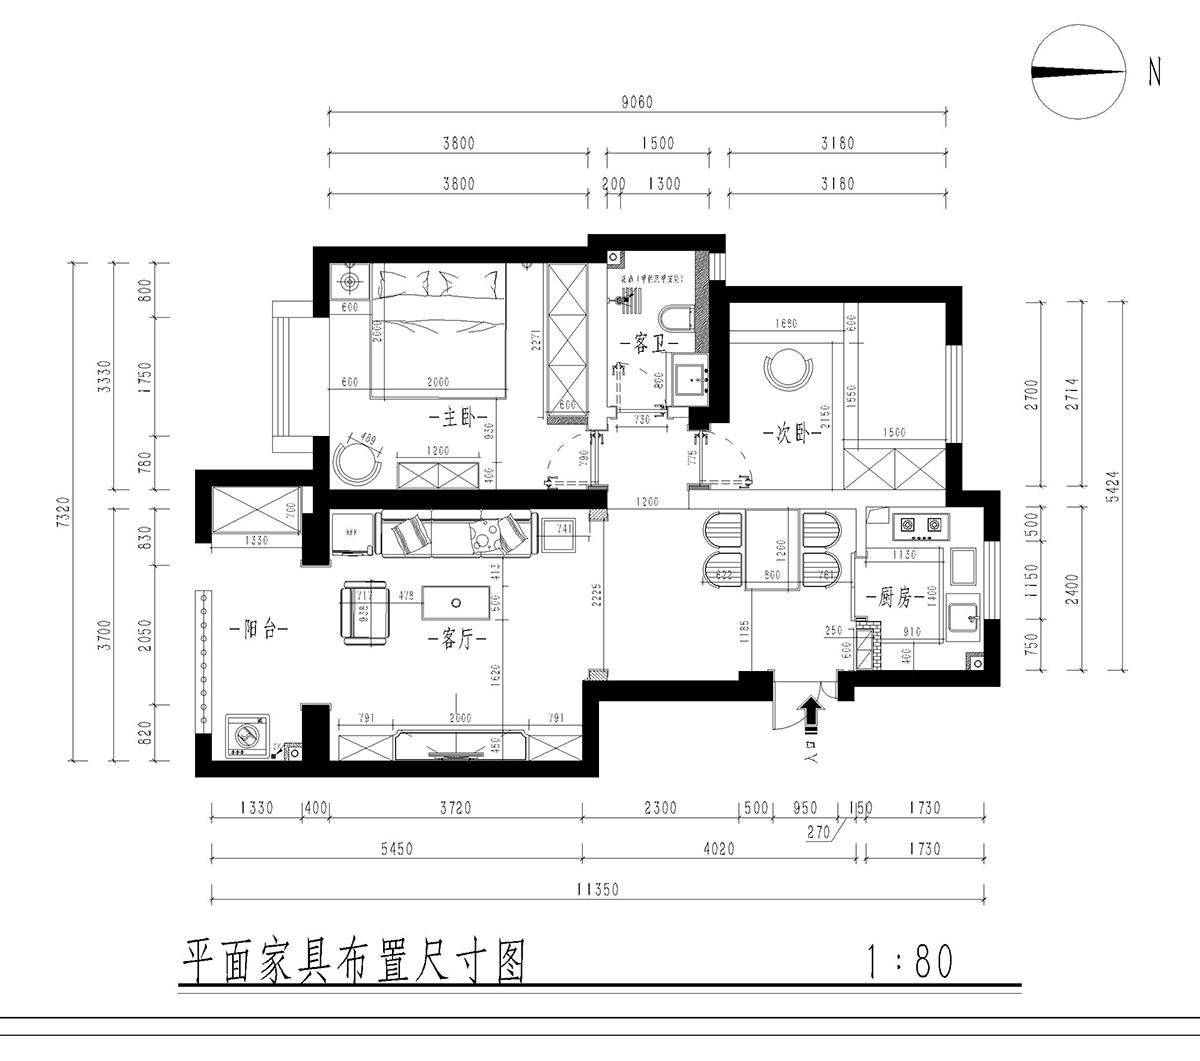 宝鸡市 渭滨区 香树湾 新中式装修效果图 平层装修设计理念